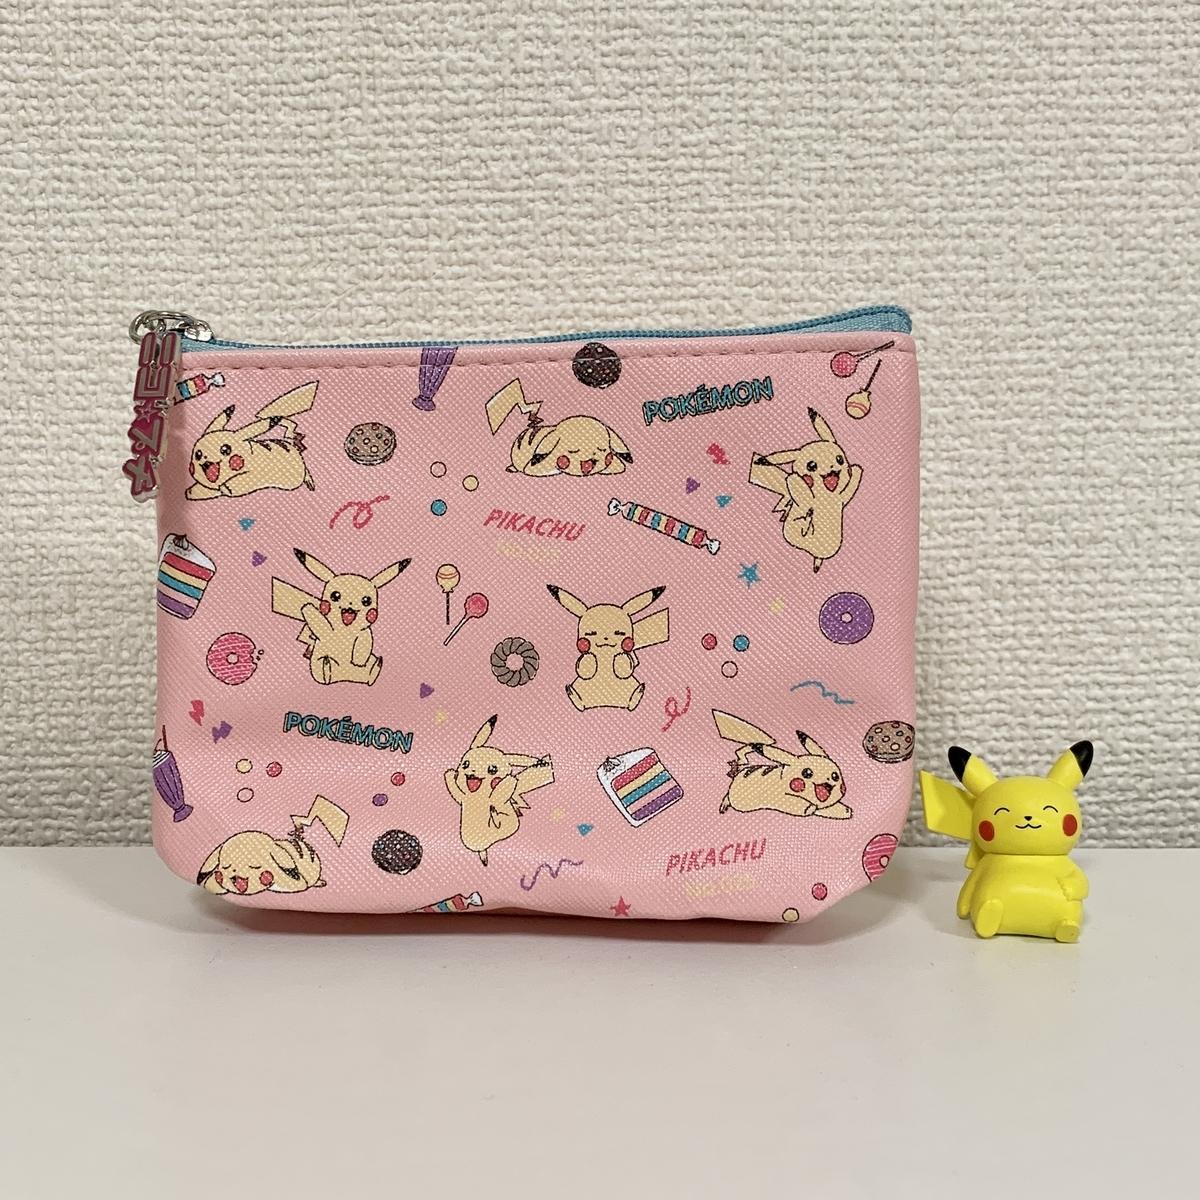 f:id:pikachu_pcn:20210222151722j:plain